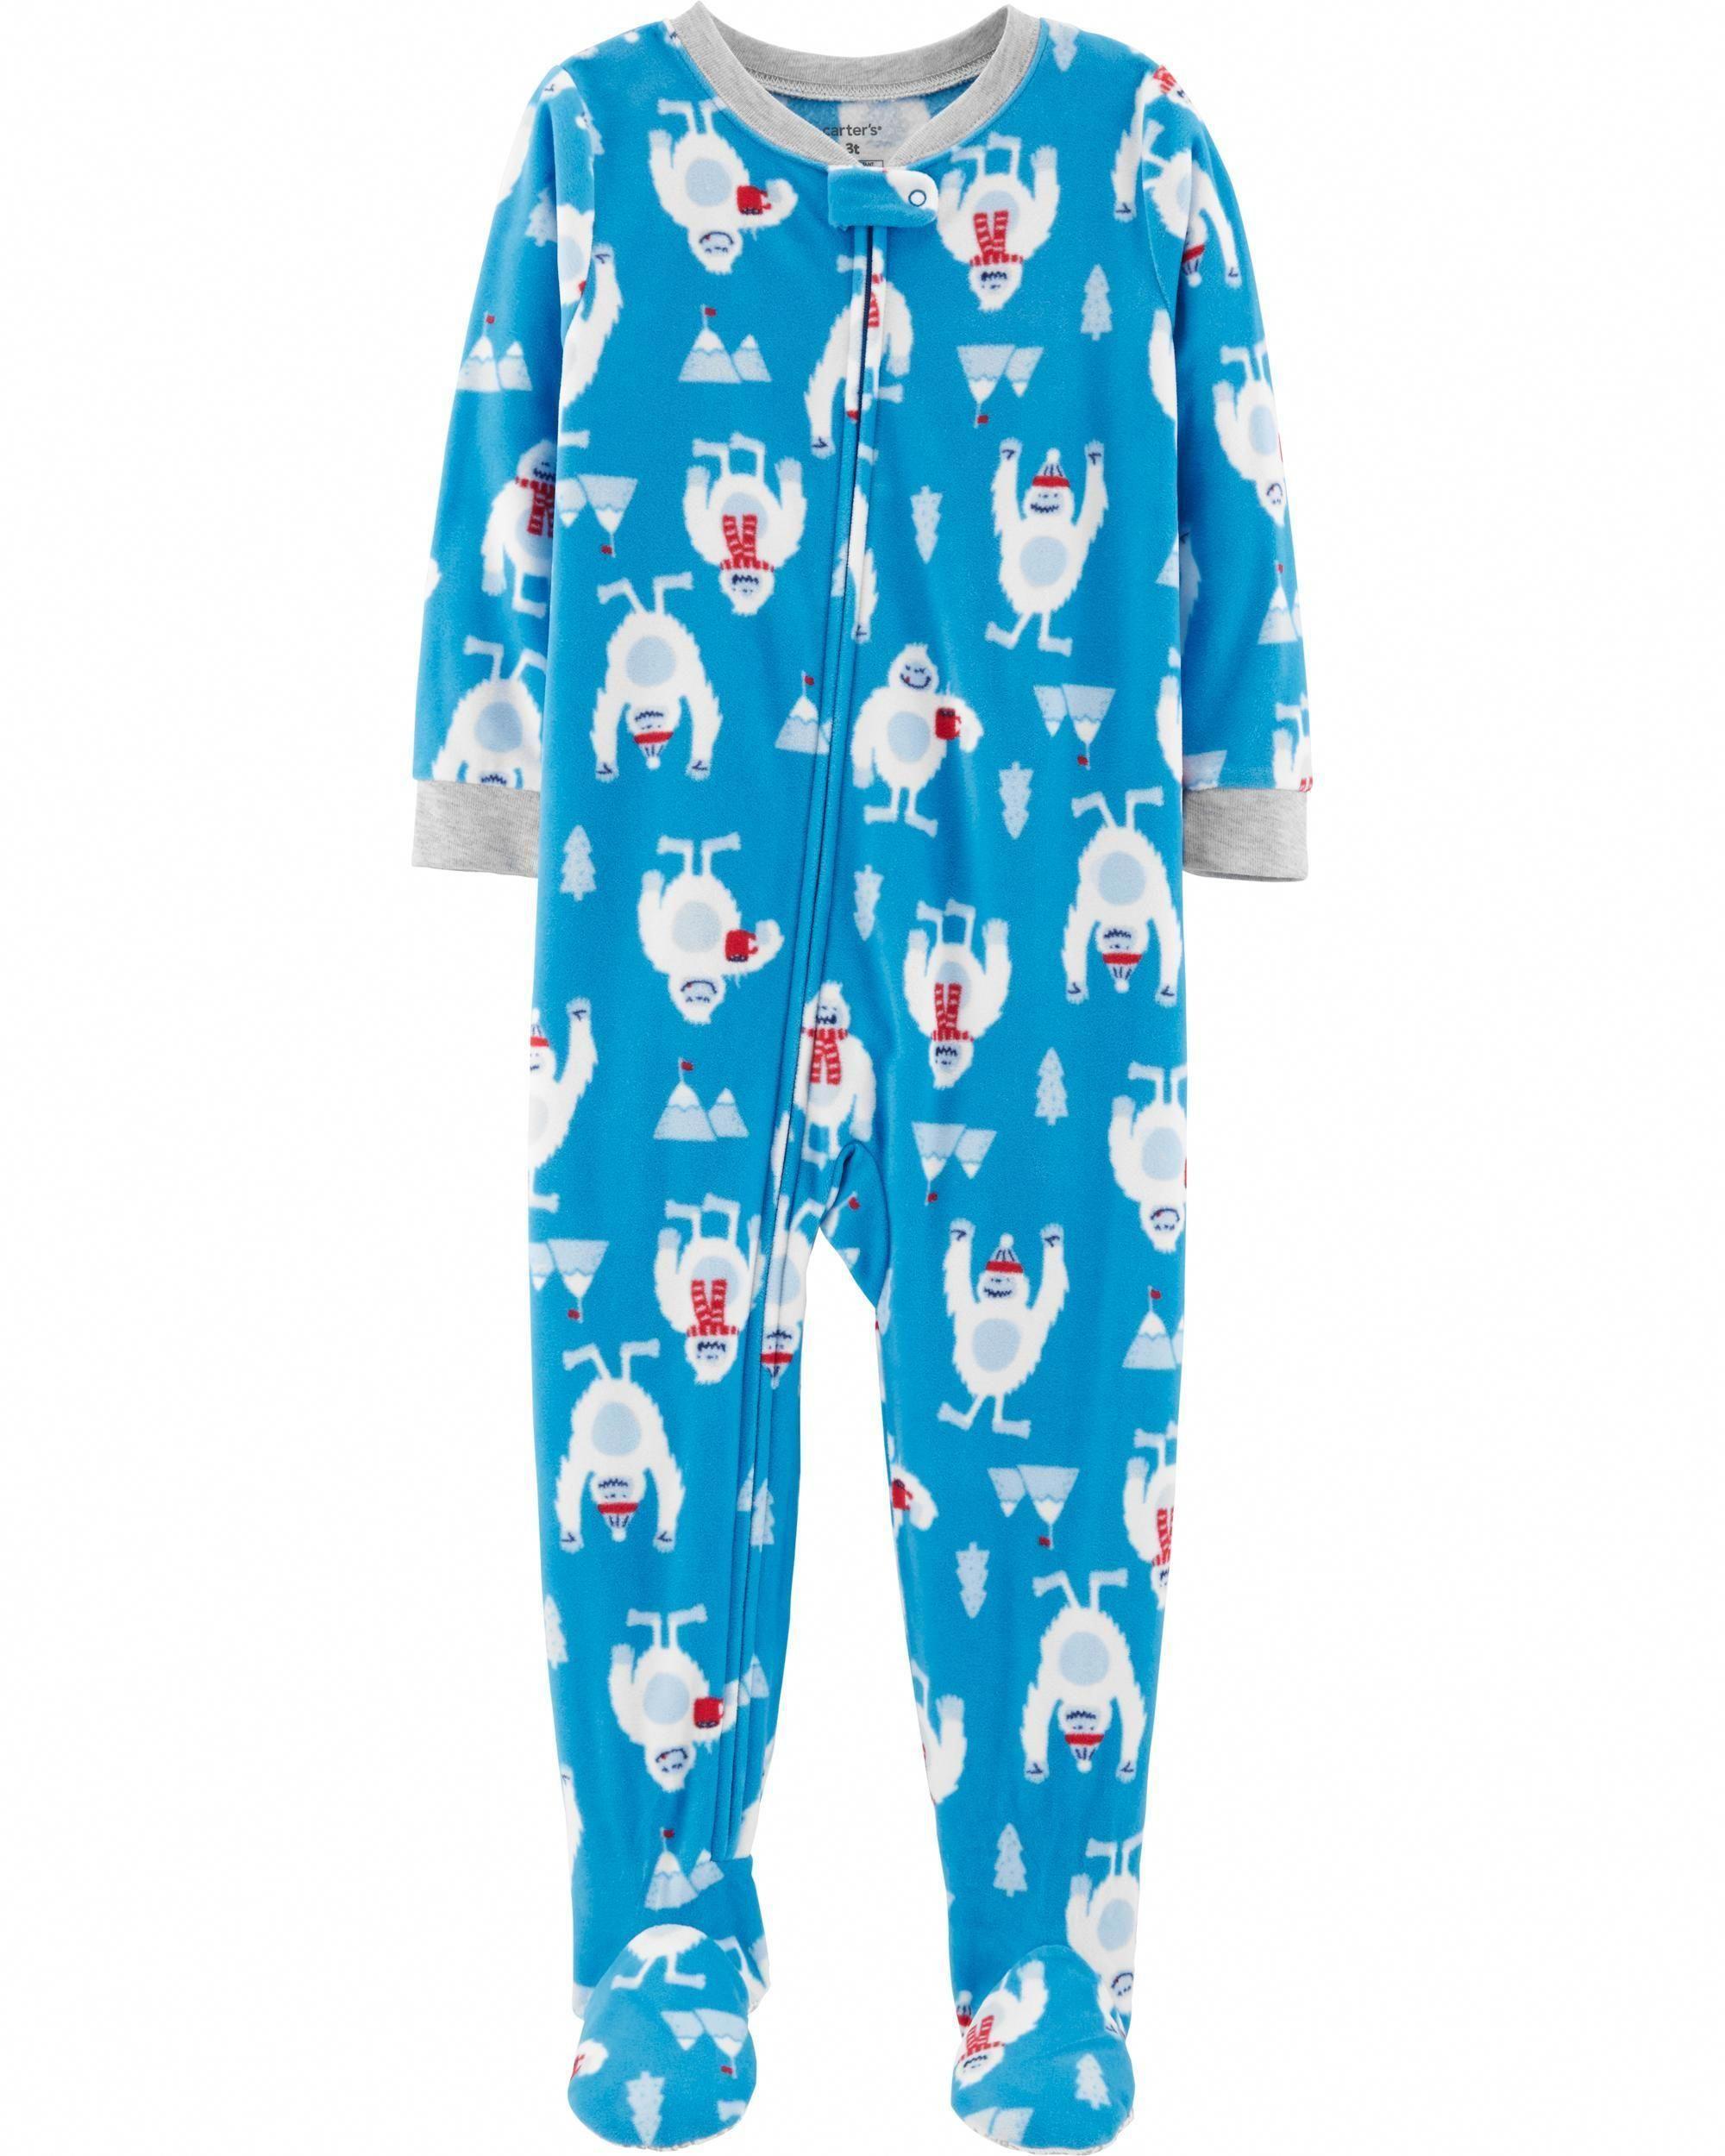 18a15b51c Toddler Boy 1-Piece Abominable Snowman Fleece PJs